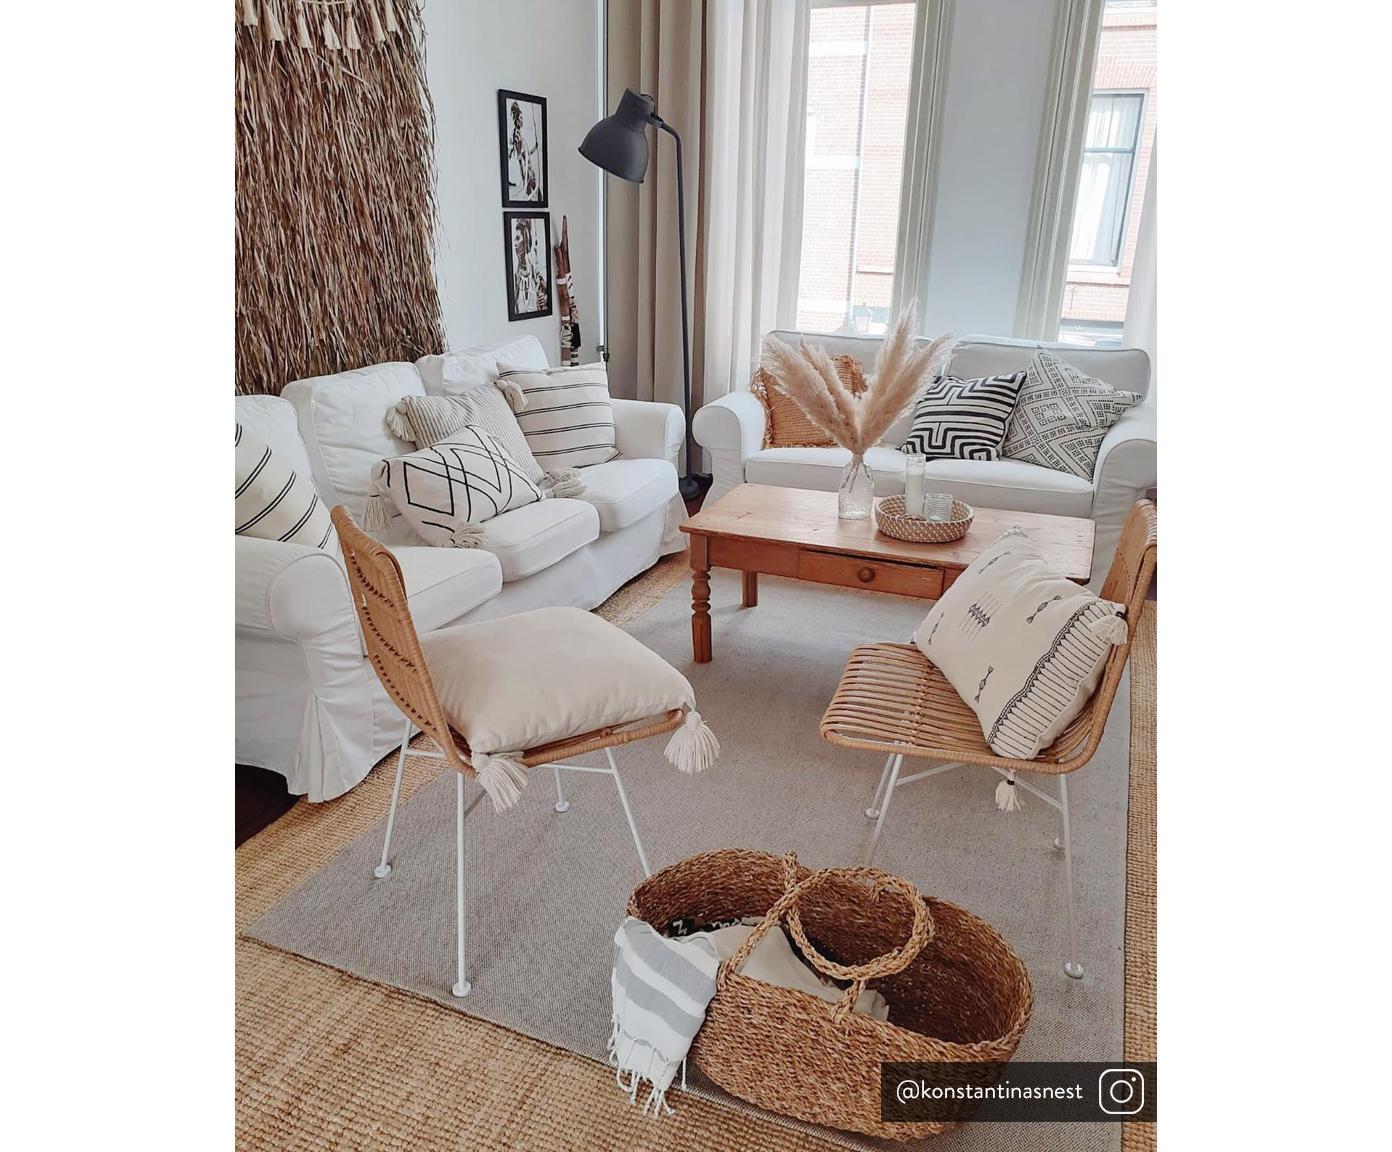 Polyrotan stoelen Costa, 2 stuks, Zitvlak: polyethyleen-vlechtwerk, Frame: gepoedercoat metaal, Zitvlak: lichtbruin, gevlekt. Frame: mat wit, B 47  x D 62 cm